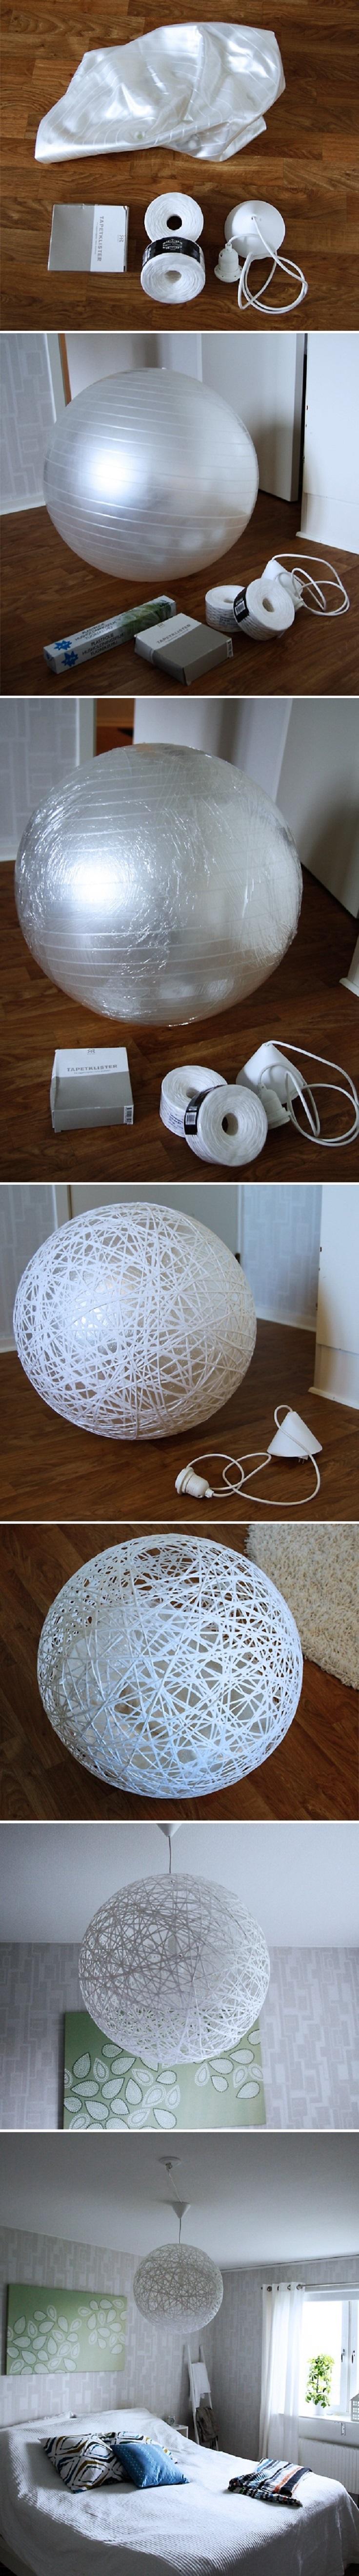 Membuat Bola Lampu Raksasa di Kamar Tidur